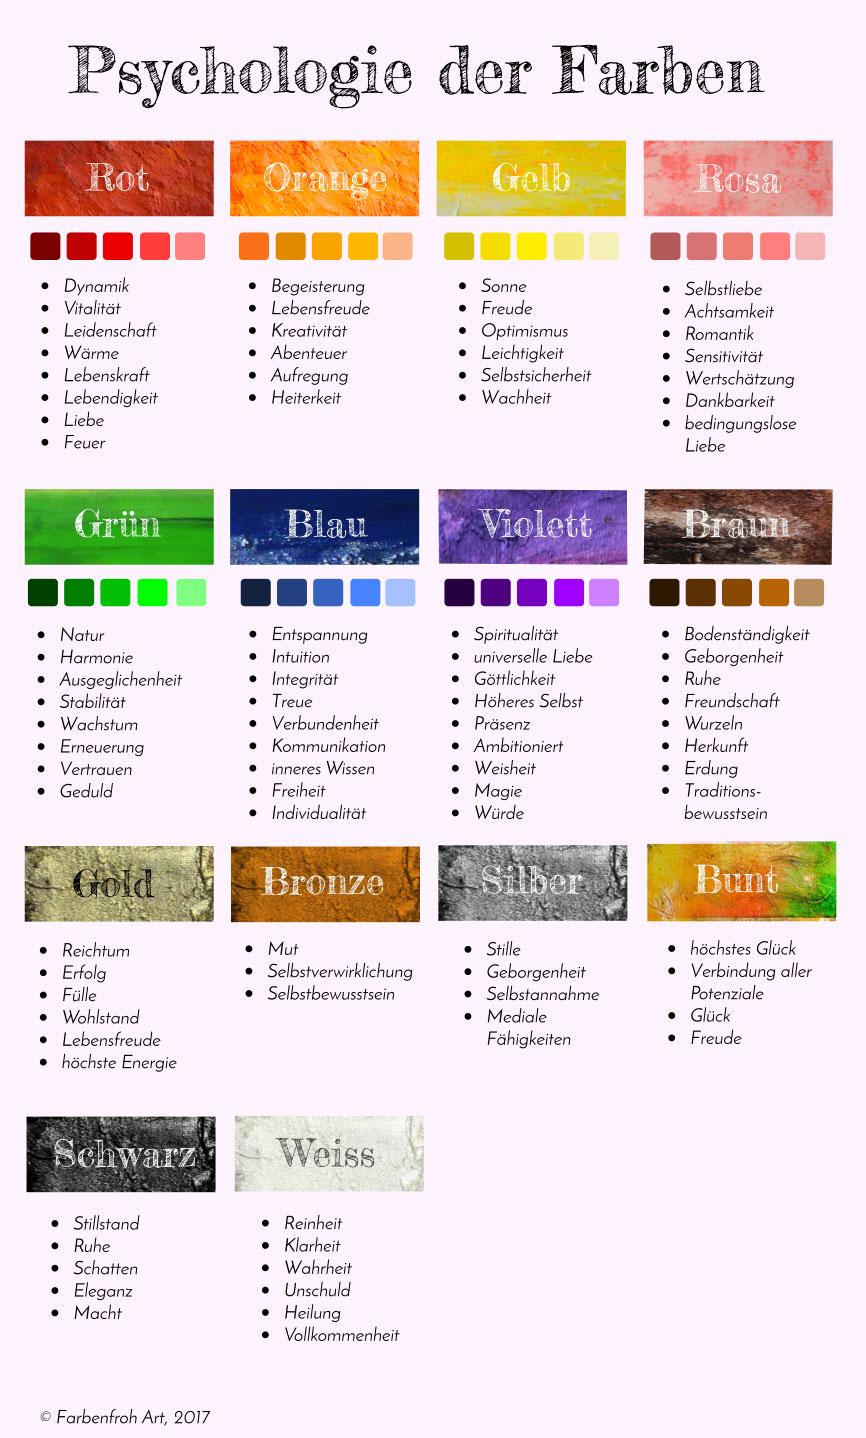 Welche Farben Gibt Es.Die Psychologie Der Farben Das Kartell